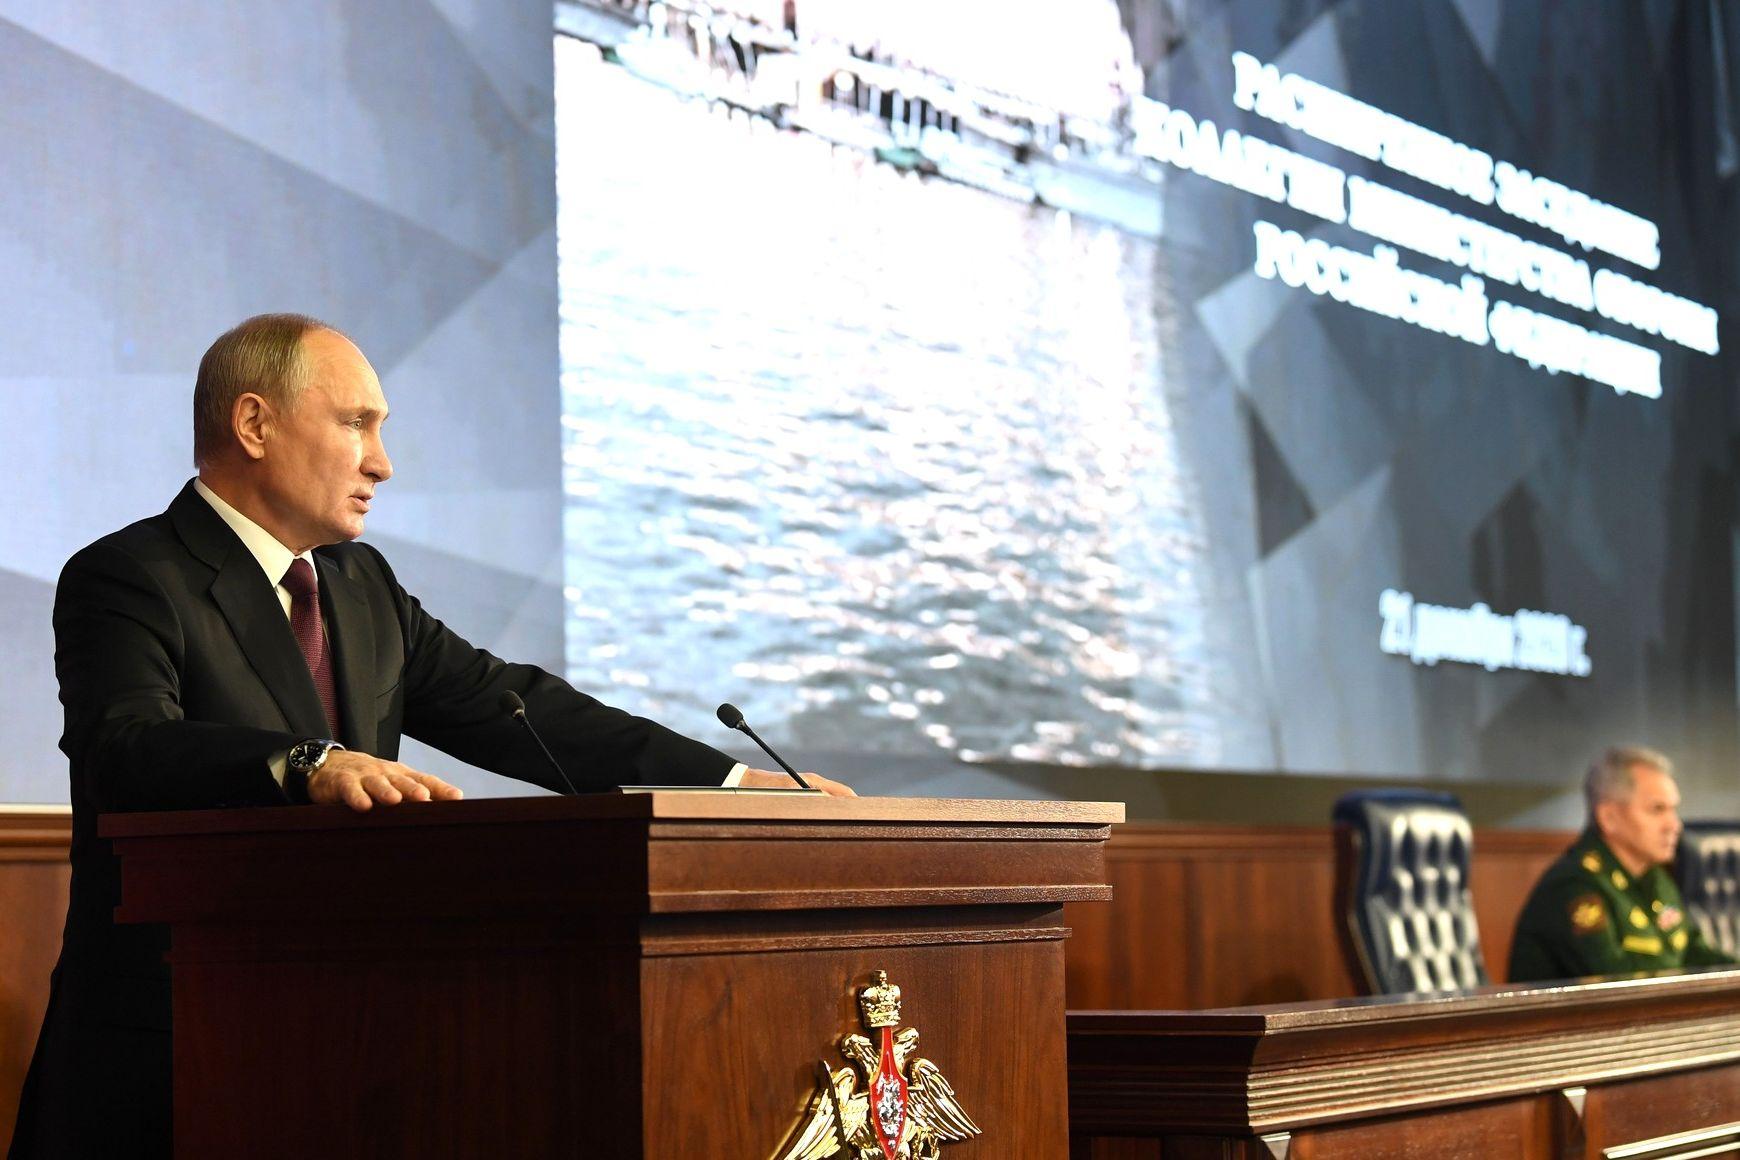 Путин позвонил главе МОК Баху и поздравил с днём рождения